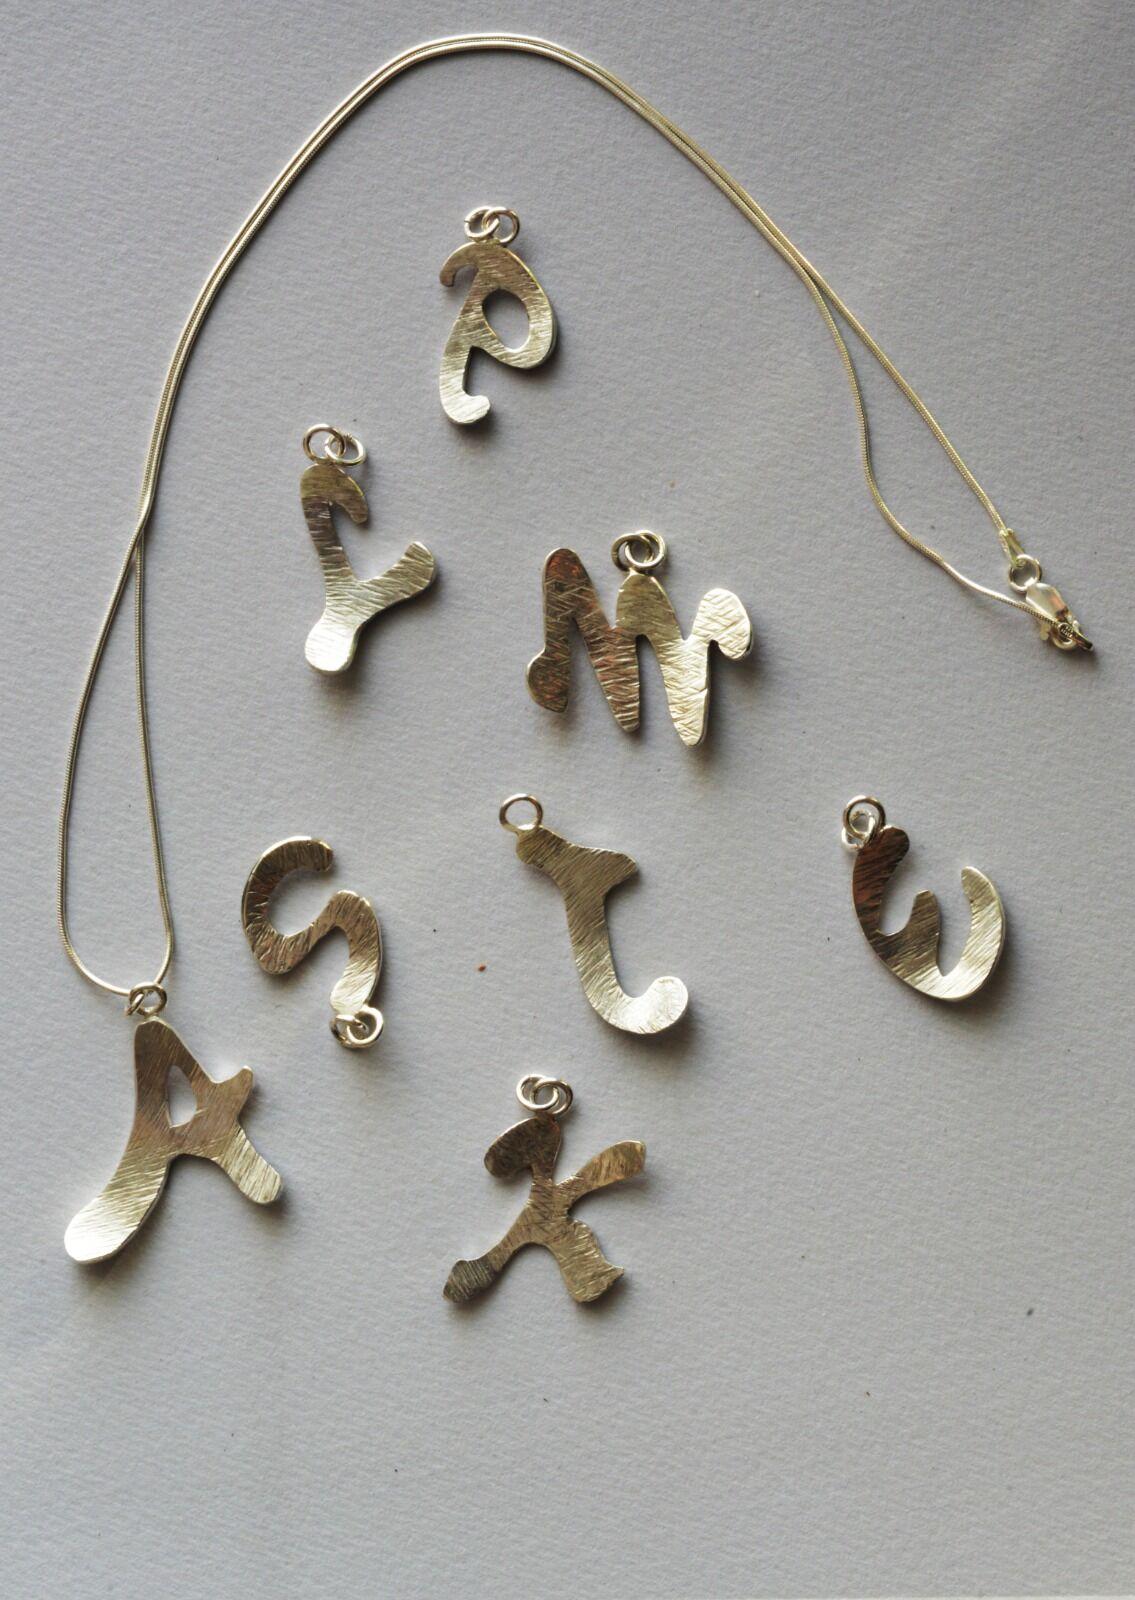 Hand cut alphabet letters